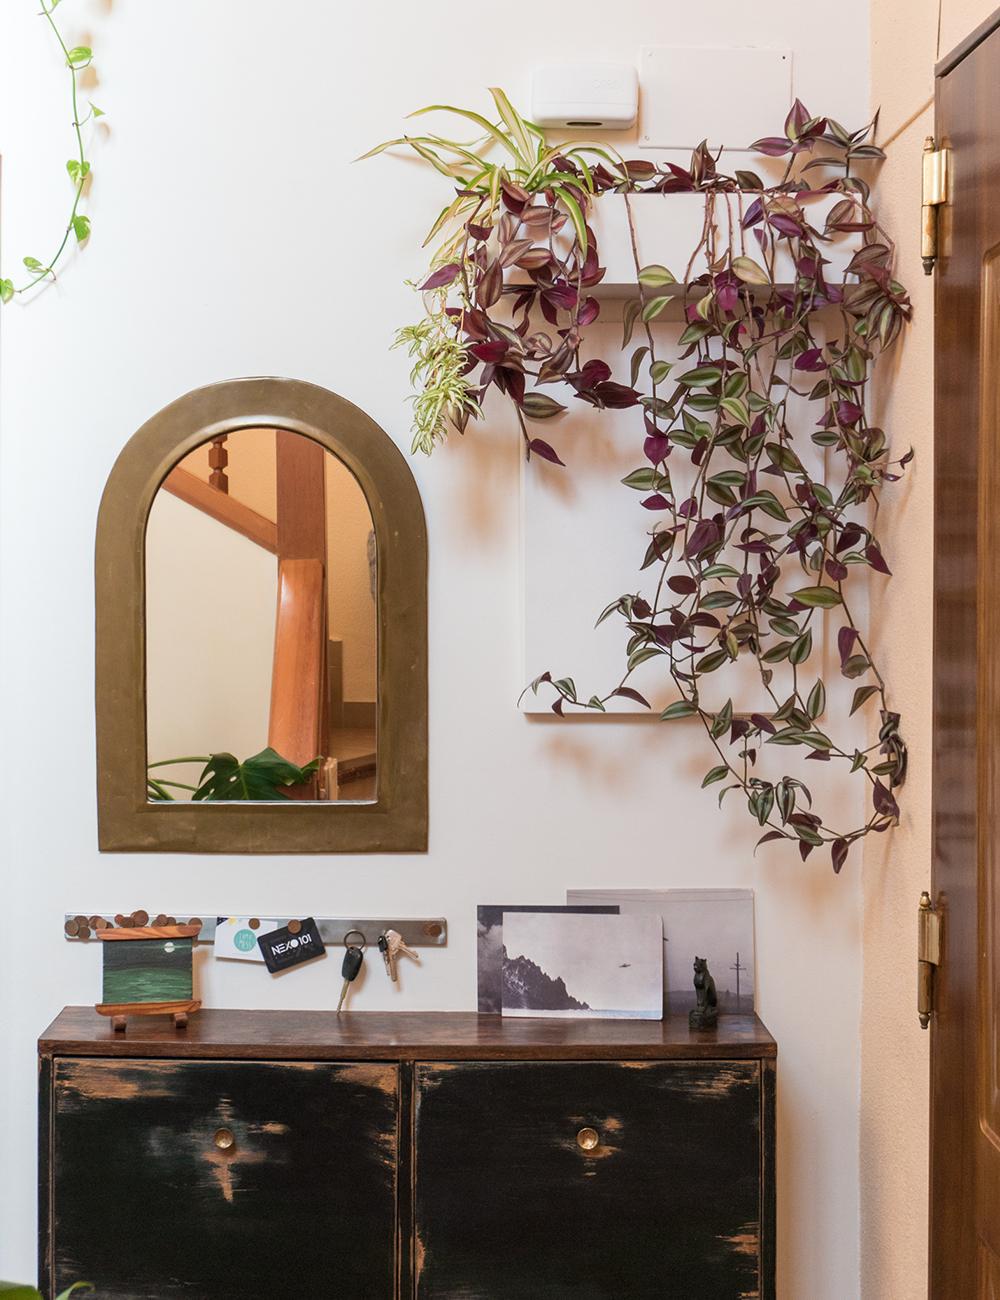 Jardinera colgante DIY, visto en IamaMess blog